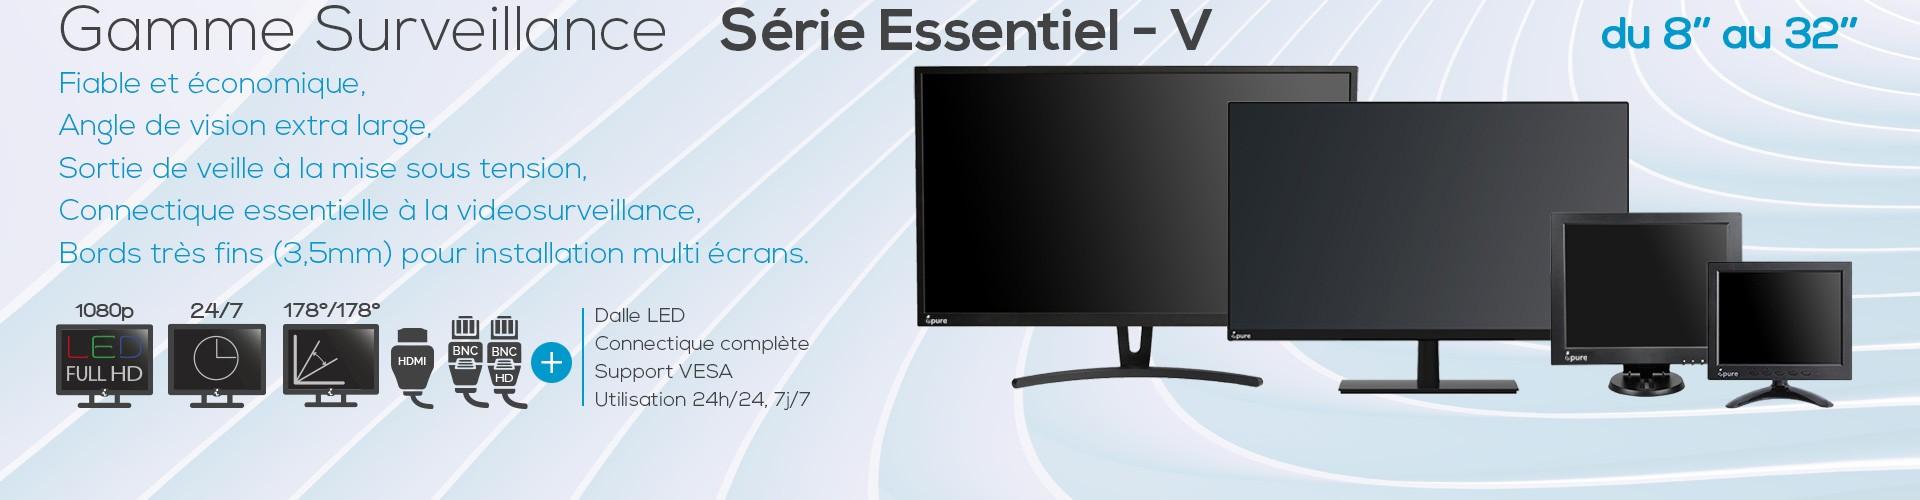 """Gamme Surveillance - Série Essentiel V - du 8"""" au 32"""""""